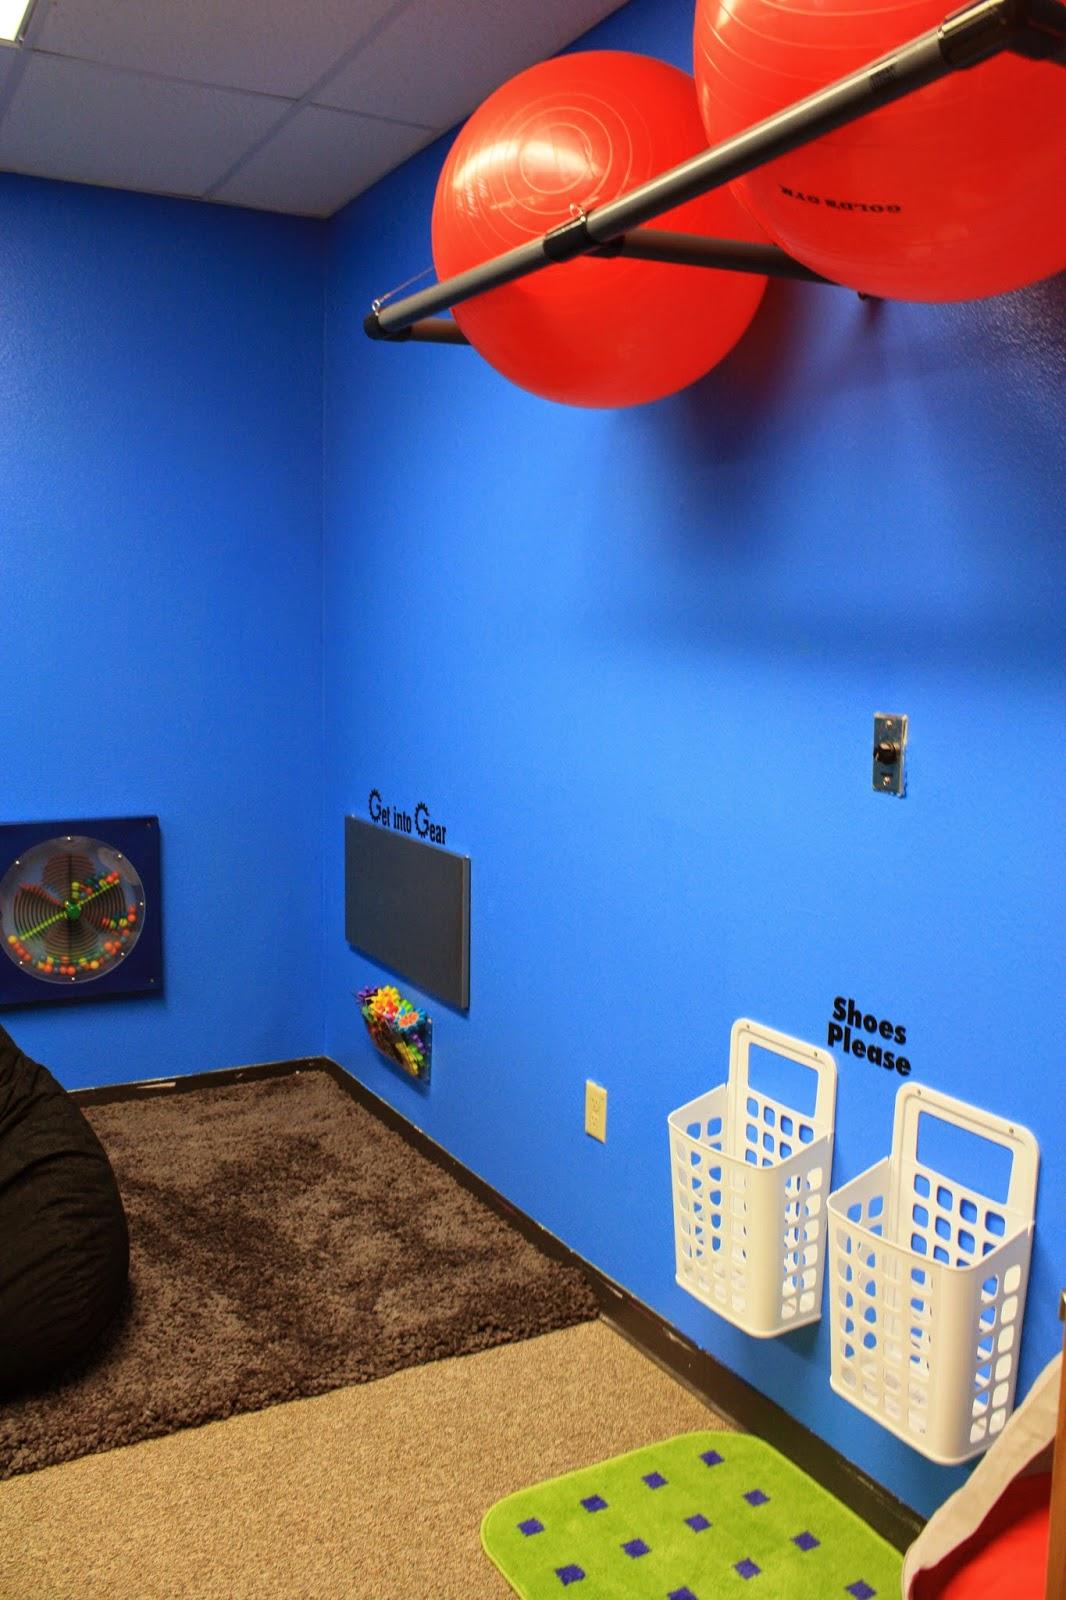 http://theballoonred.blogspot.com/2013/03/sensory-room.html